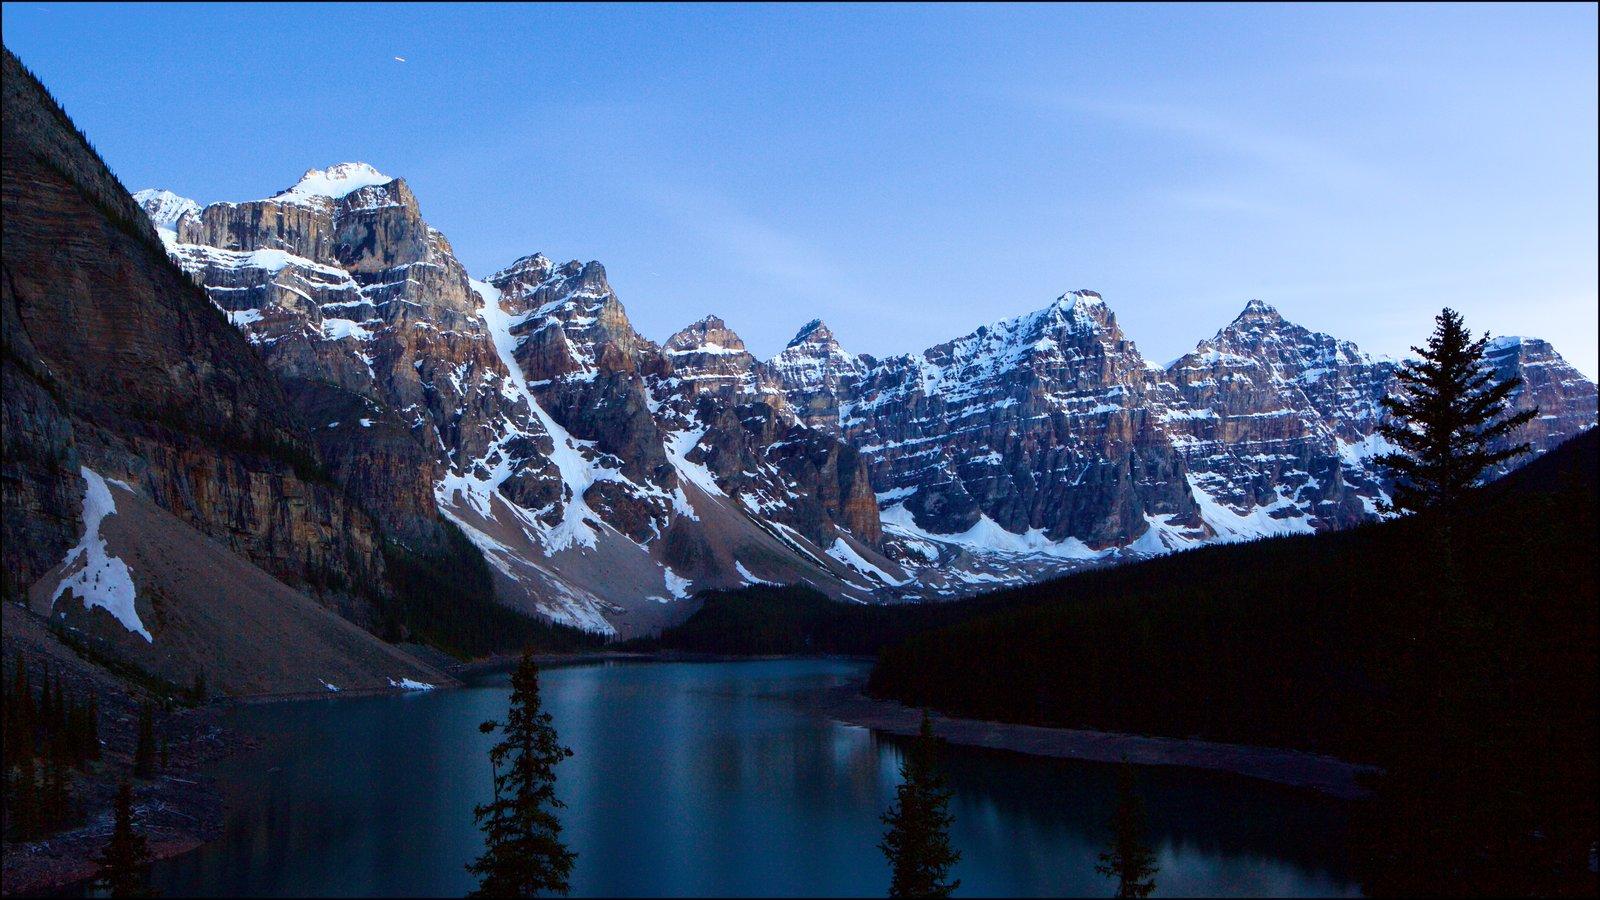 Lago Moraine mostrando cenas tranquilas, um lago ou charco e cenas noturnas